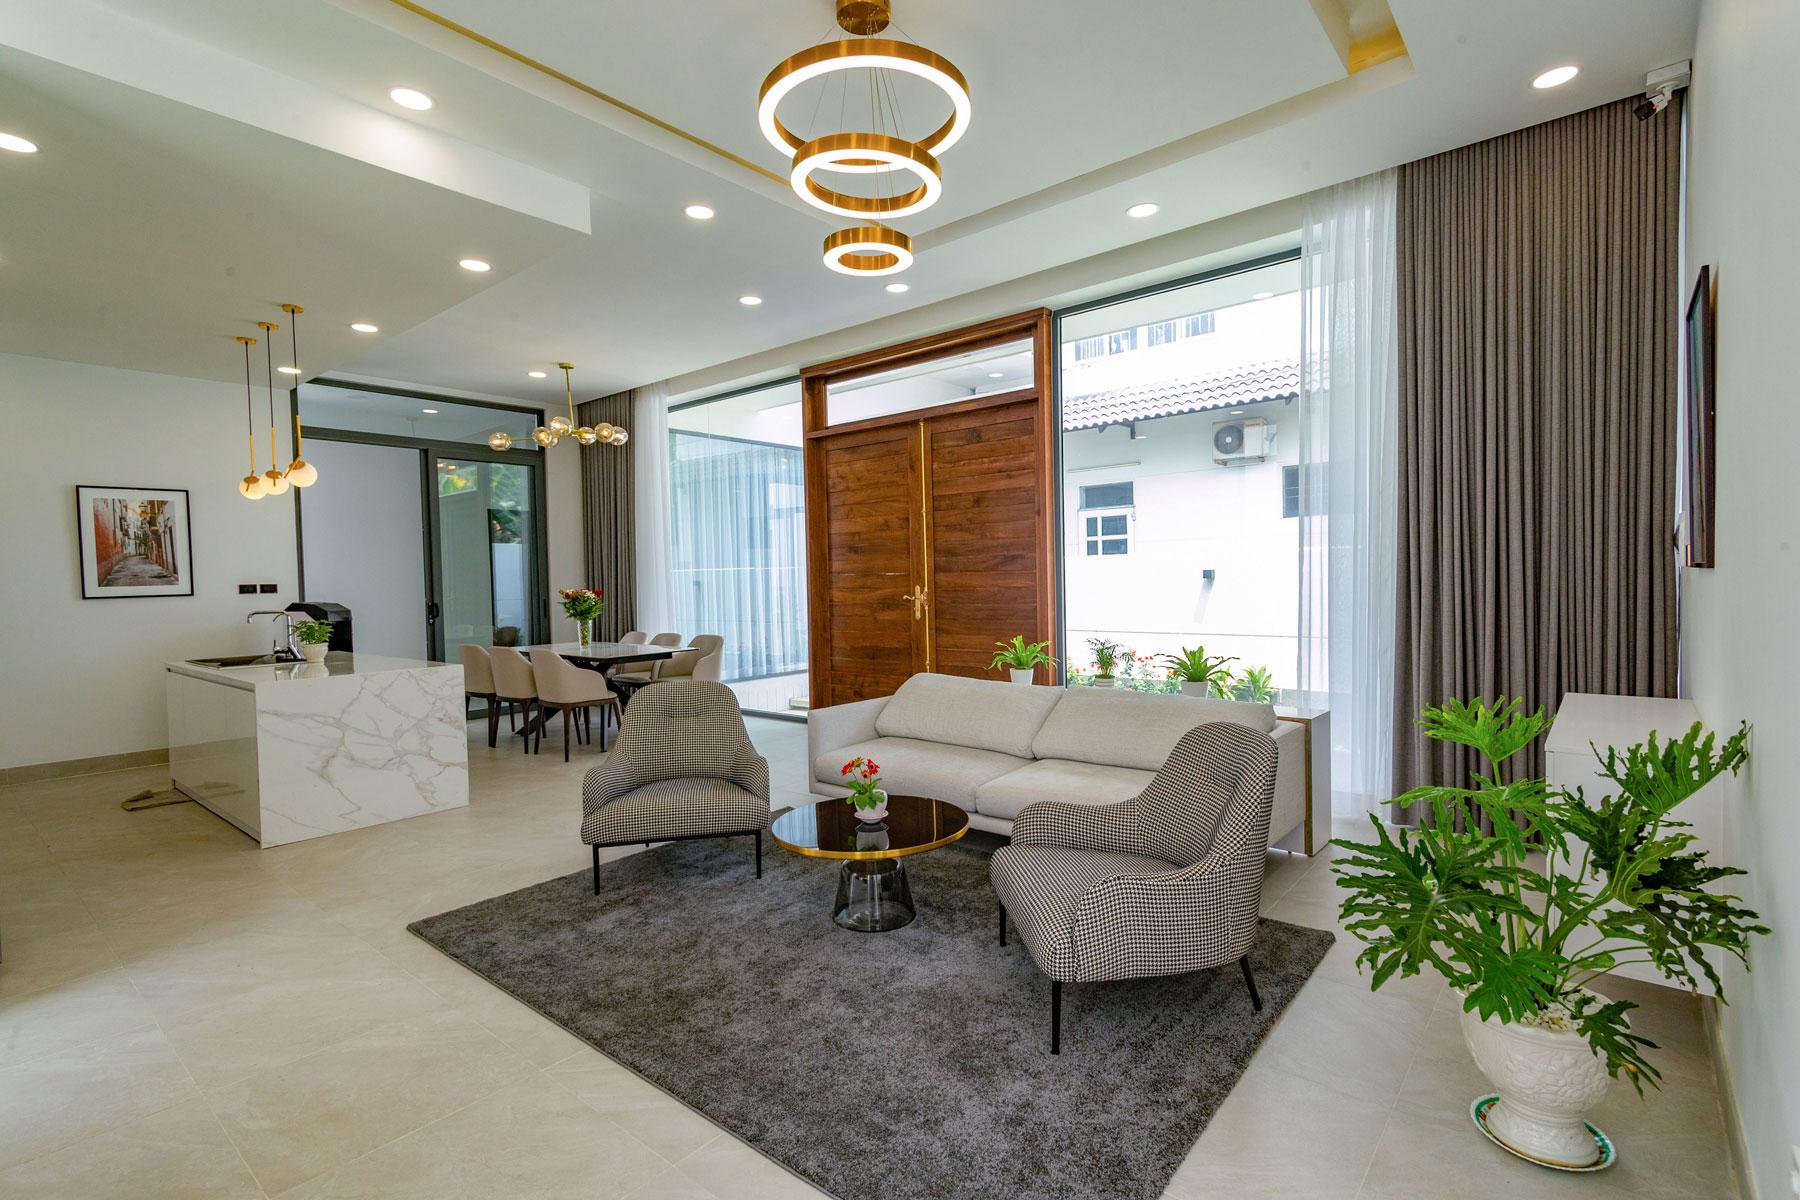 noi that nha hien dai 1 tang dep Biệt thự vườn nhà 1 tầng hiện đại 8x19m kiểu phương Tây không gian mở ở Biên Hòa